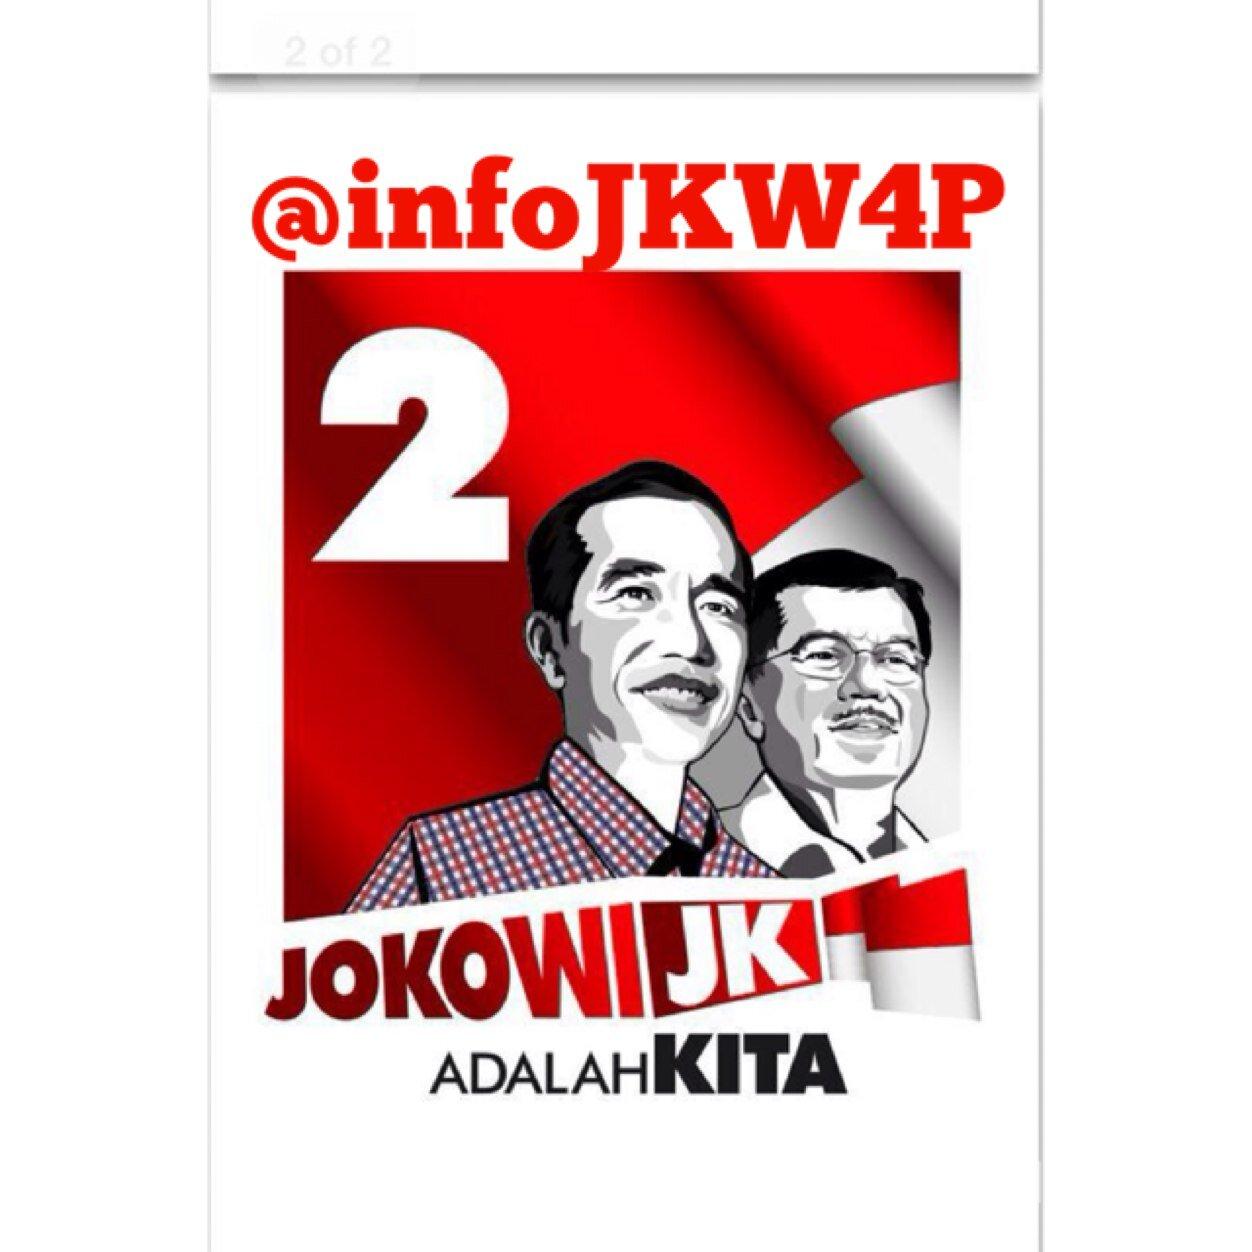 @InfoJKW4P